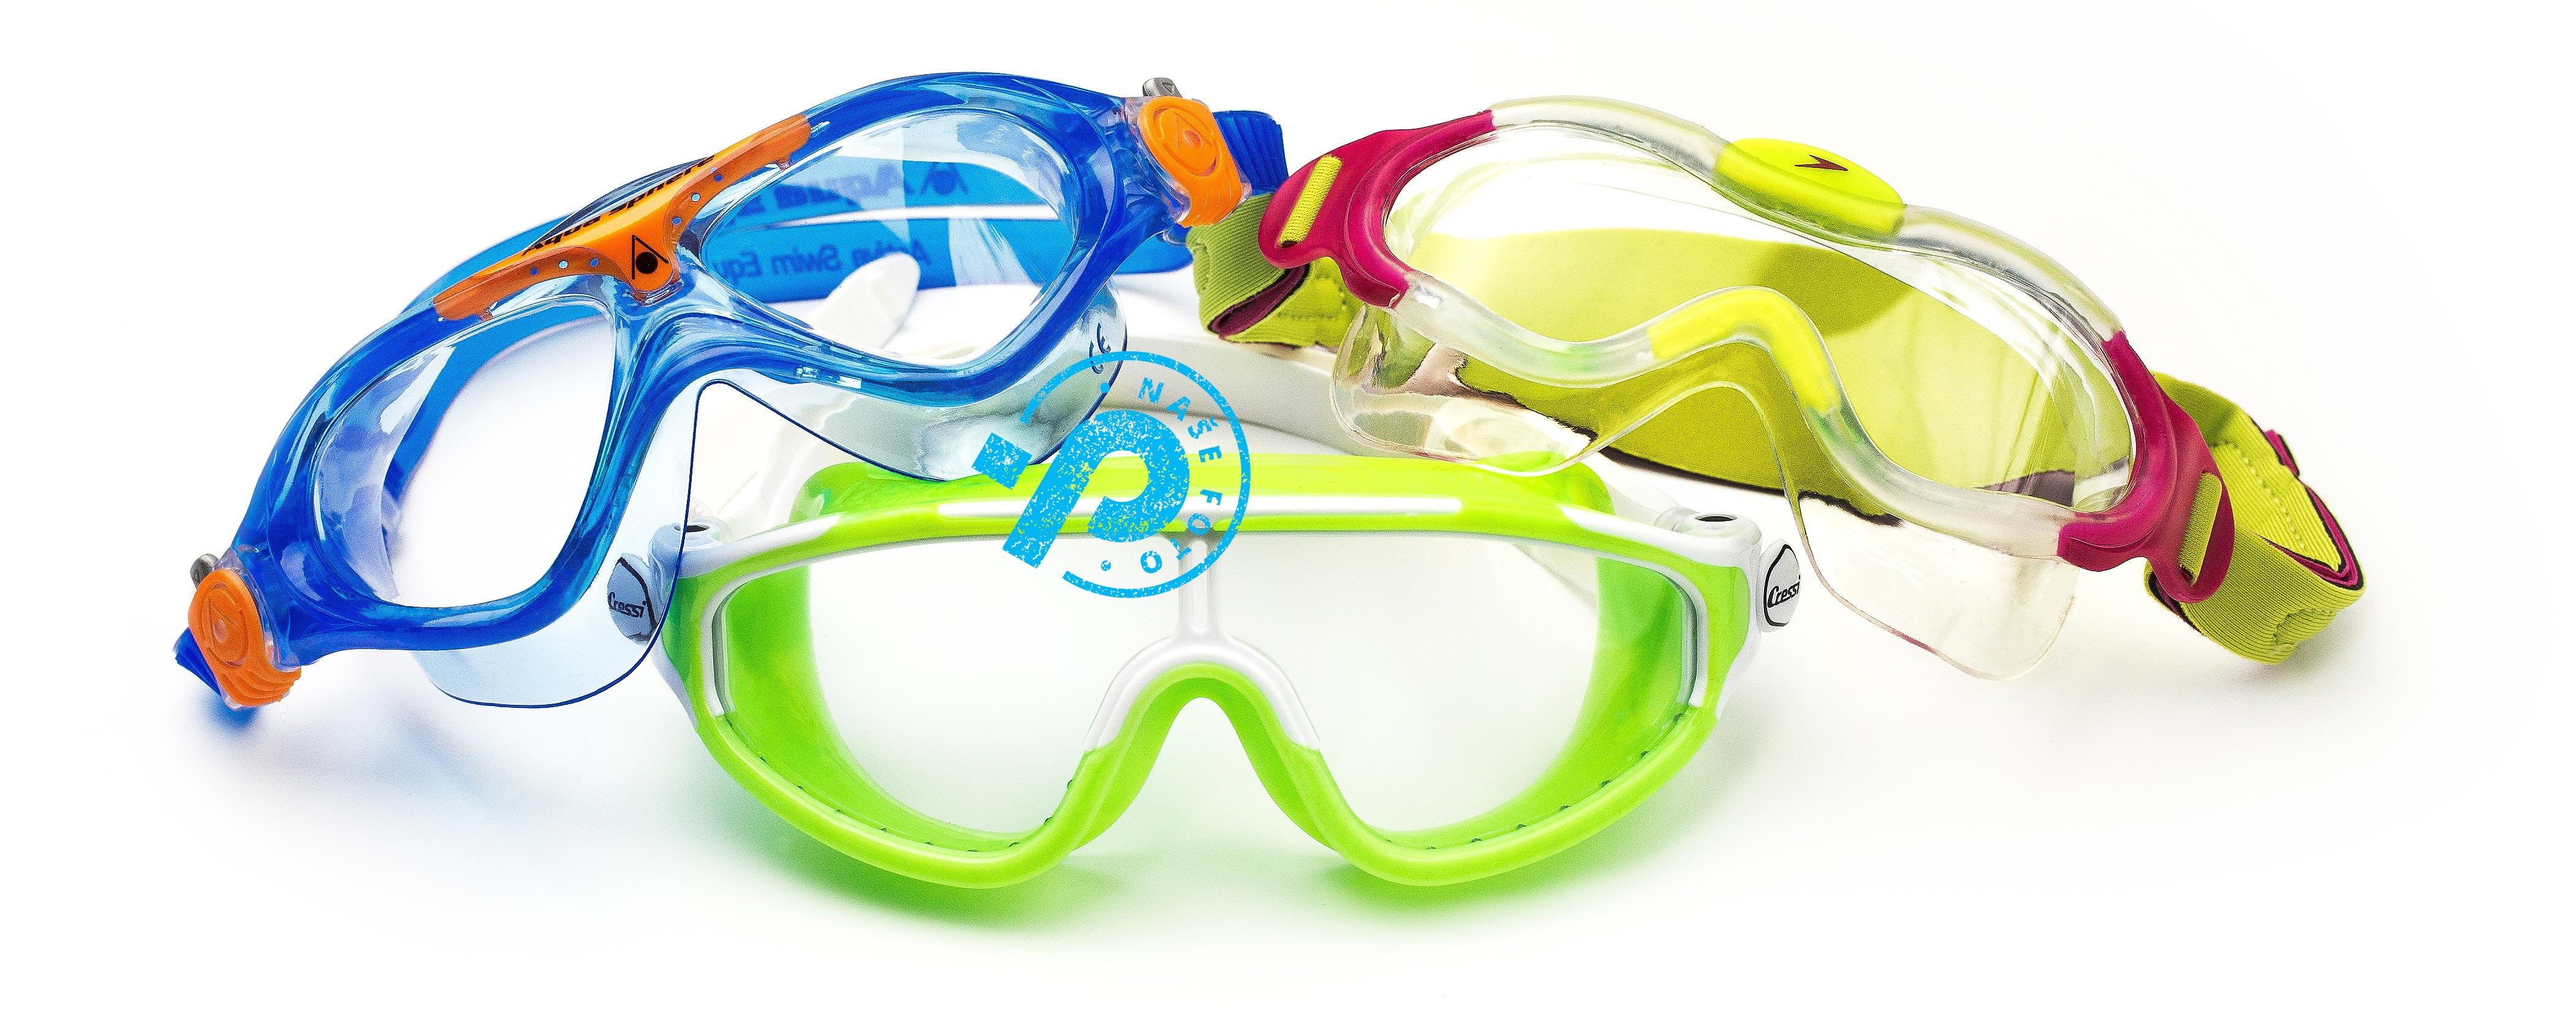 60c6b2a47 Speedo Sea Squad mask je veselá detská maska na plávanie a kúpanie. Svojim  tvarom výborne sadne deťom od 2 do 6 rokov, i starším s drobnou tváričkou.